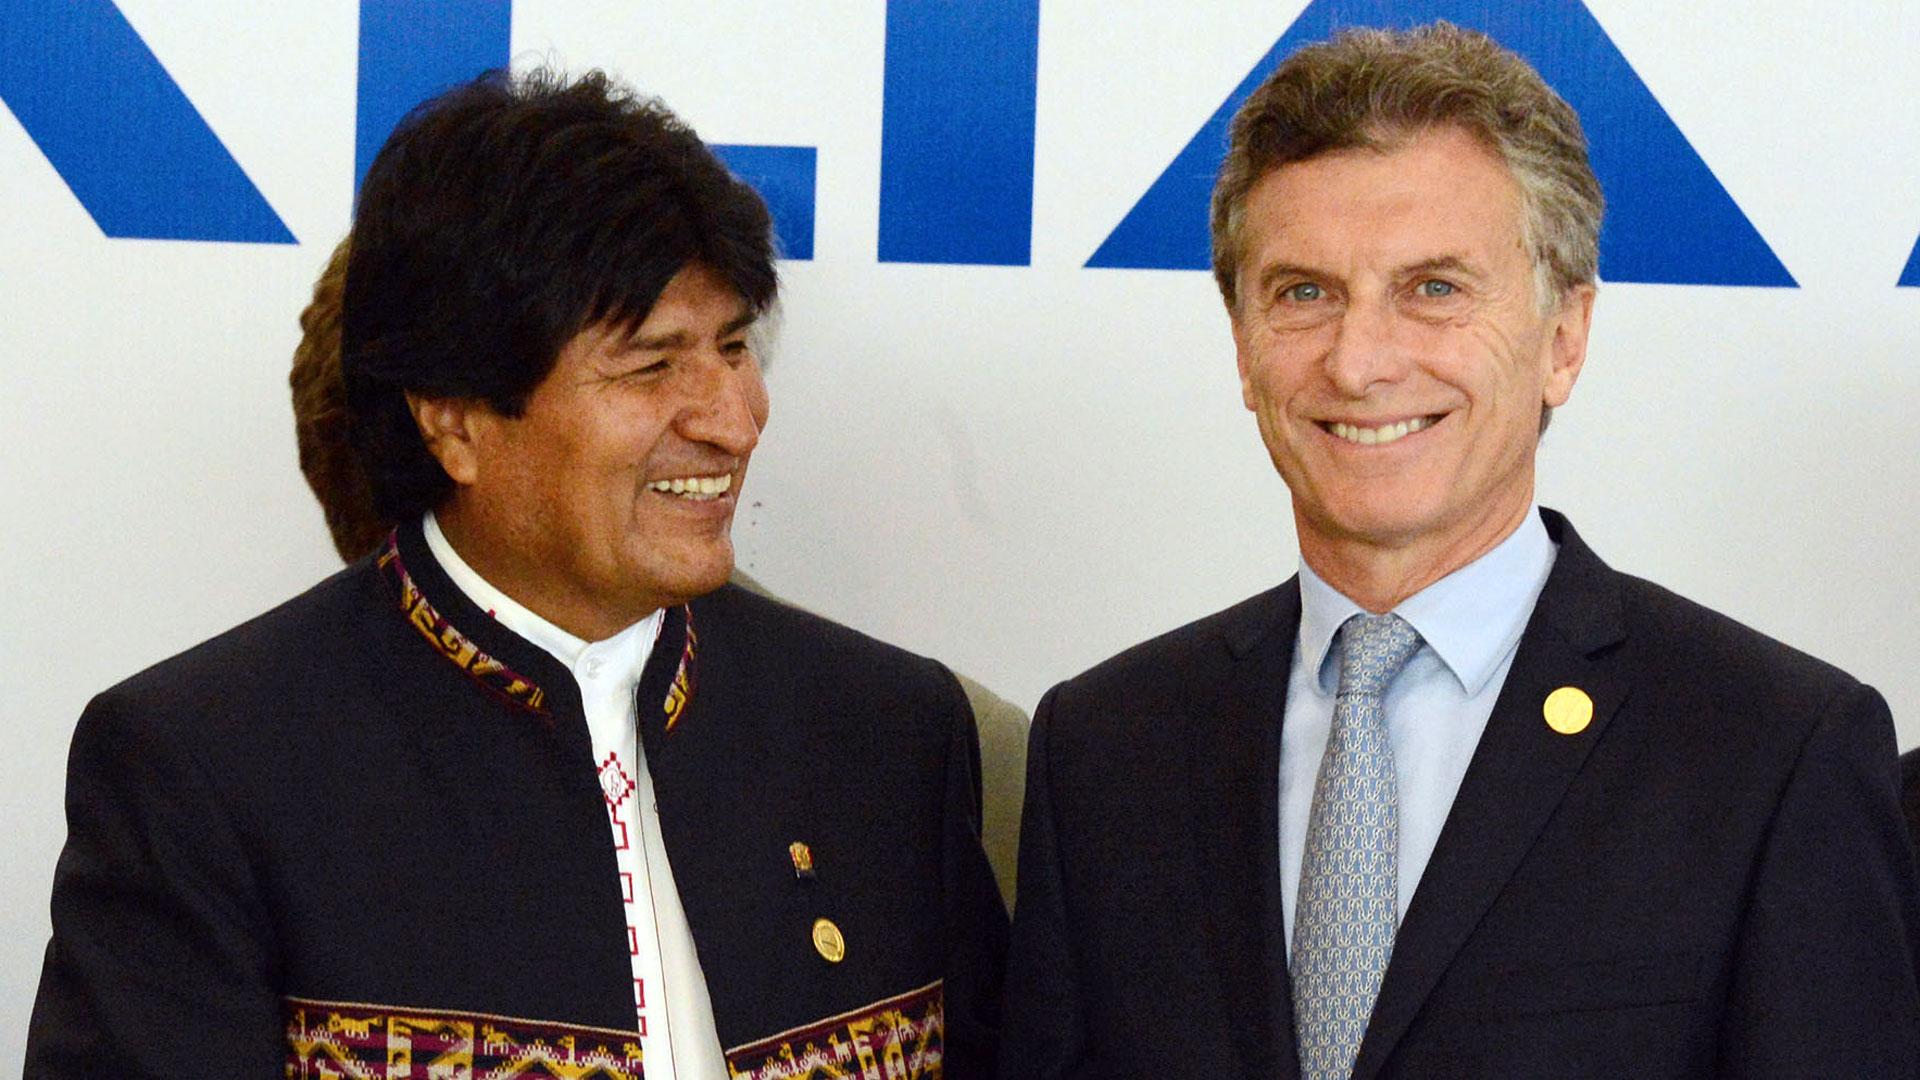 Los presidentes de Argentina y Bolivia, Mauricio Macri y Evo Morales. (NA)